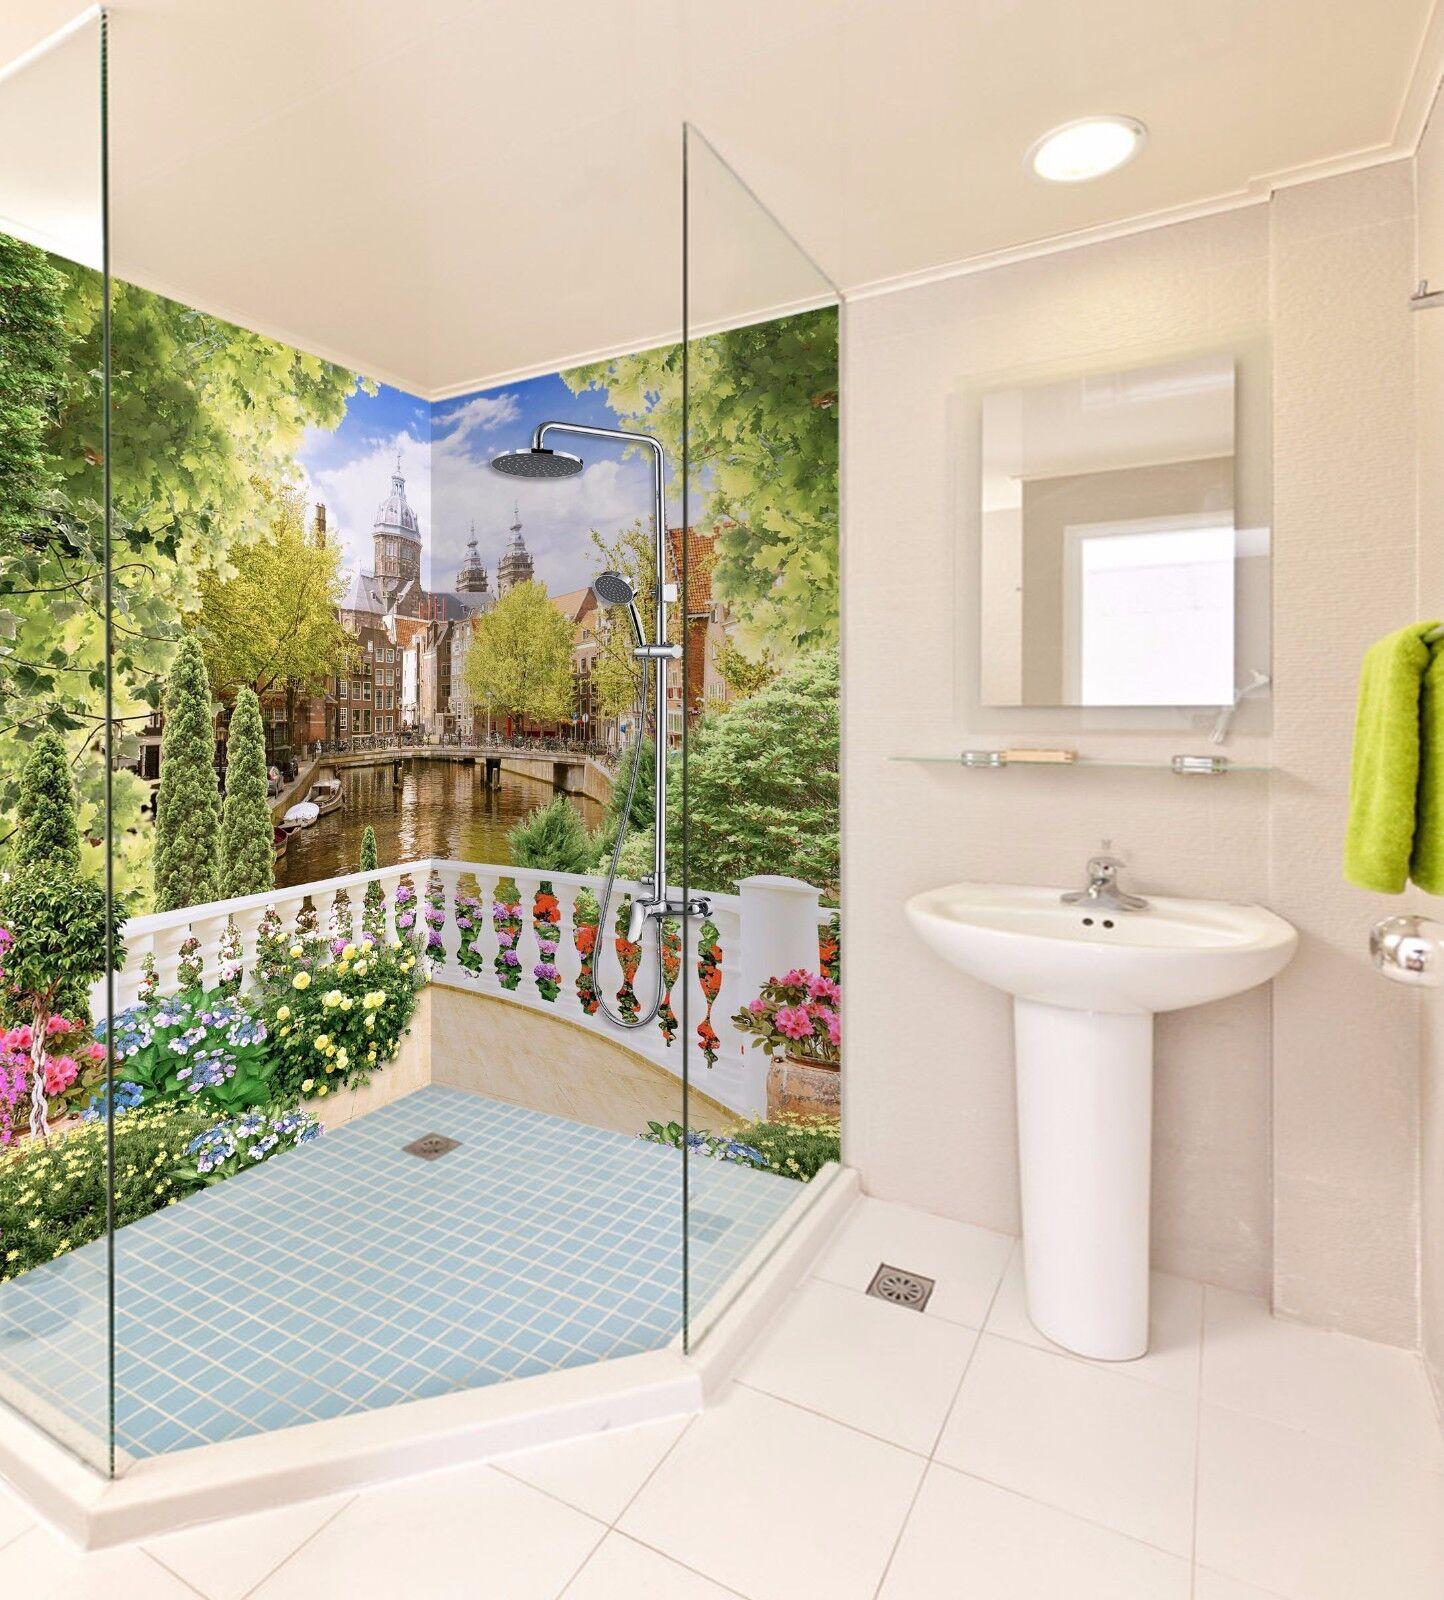 3D Trees building 4237 WallPaper Bathroom Print Decal Wall Deco AJ WALLPAPER UK